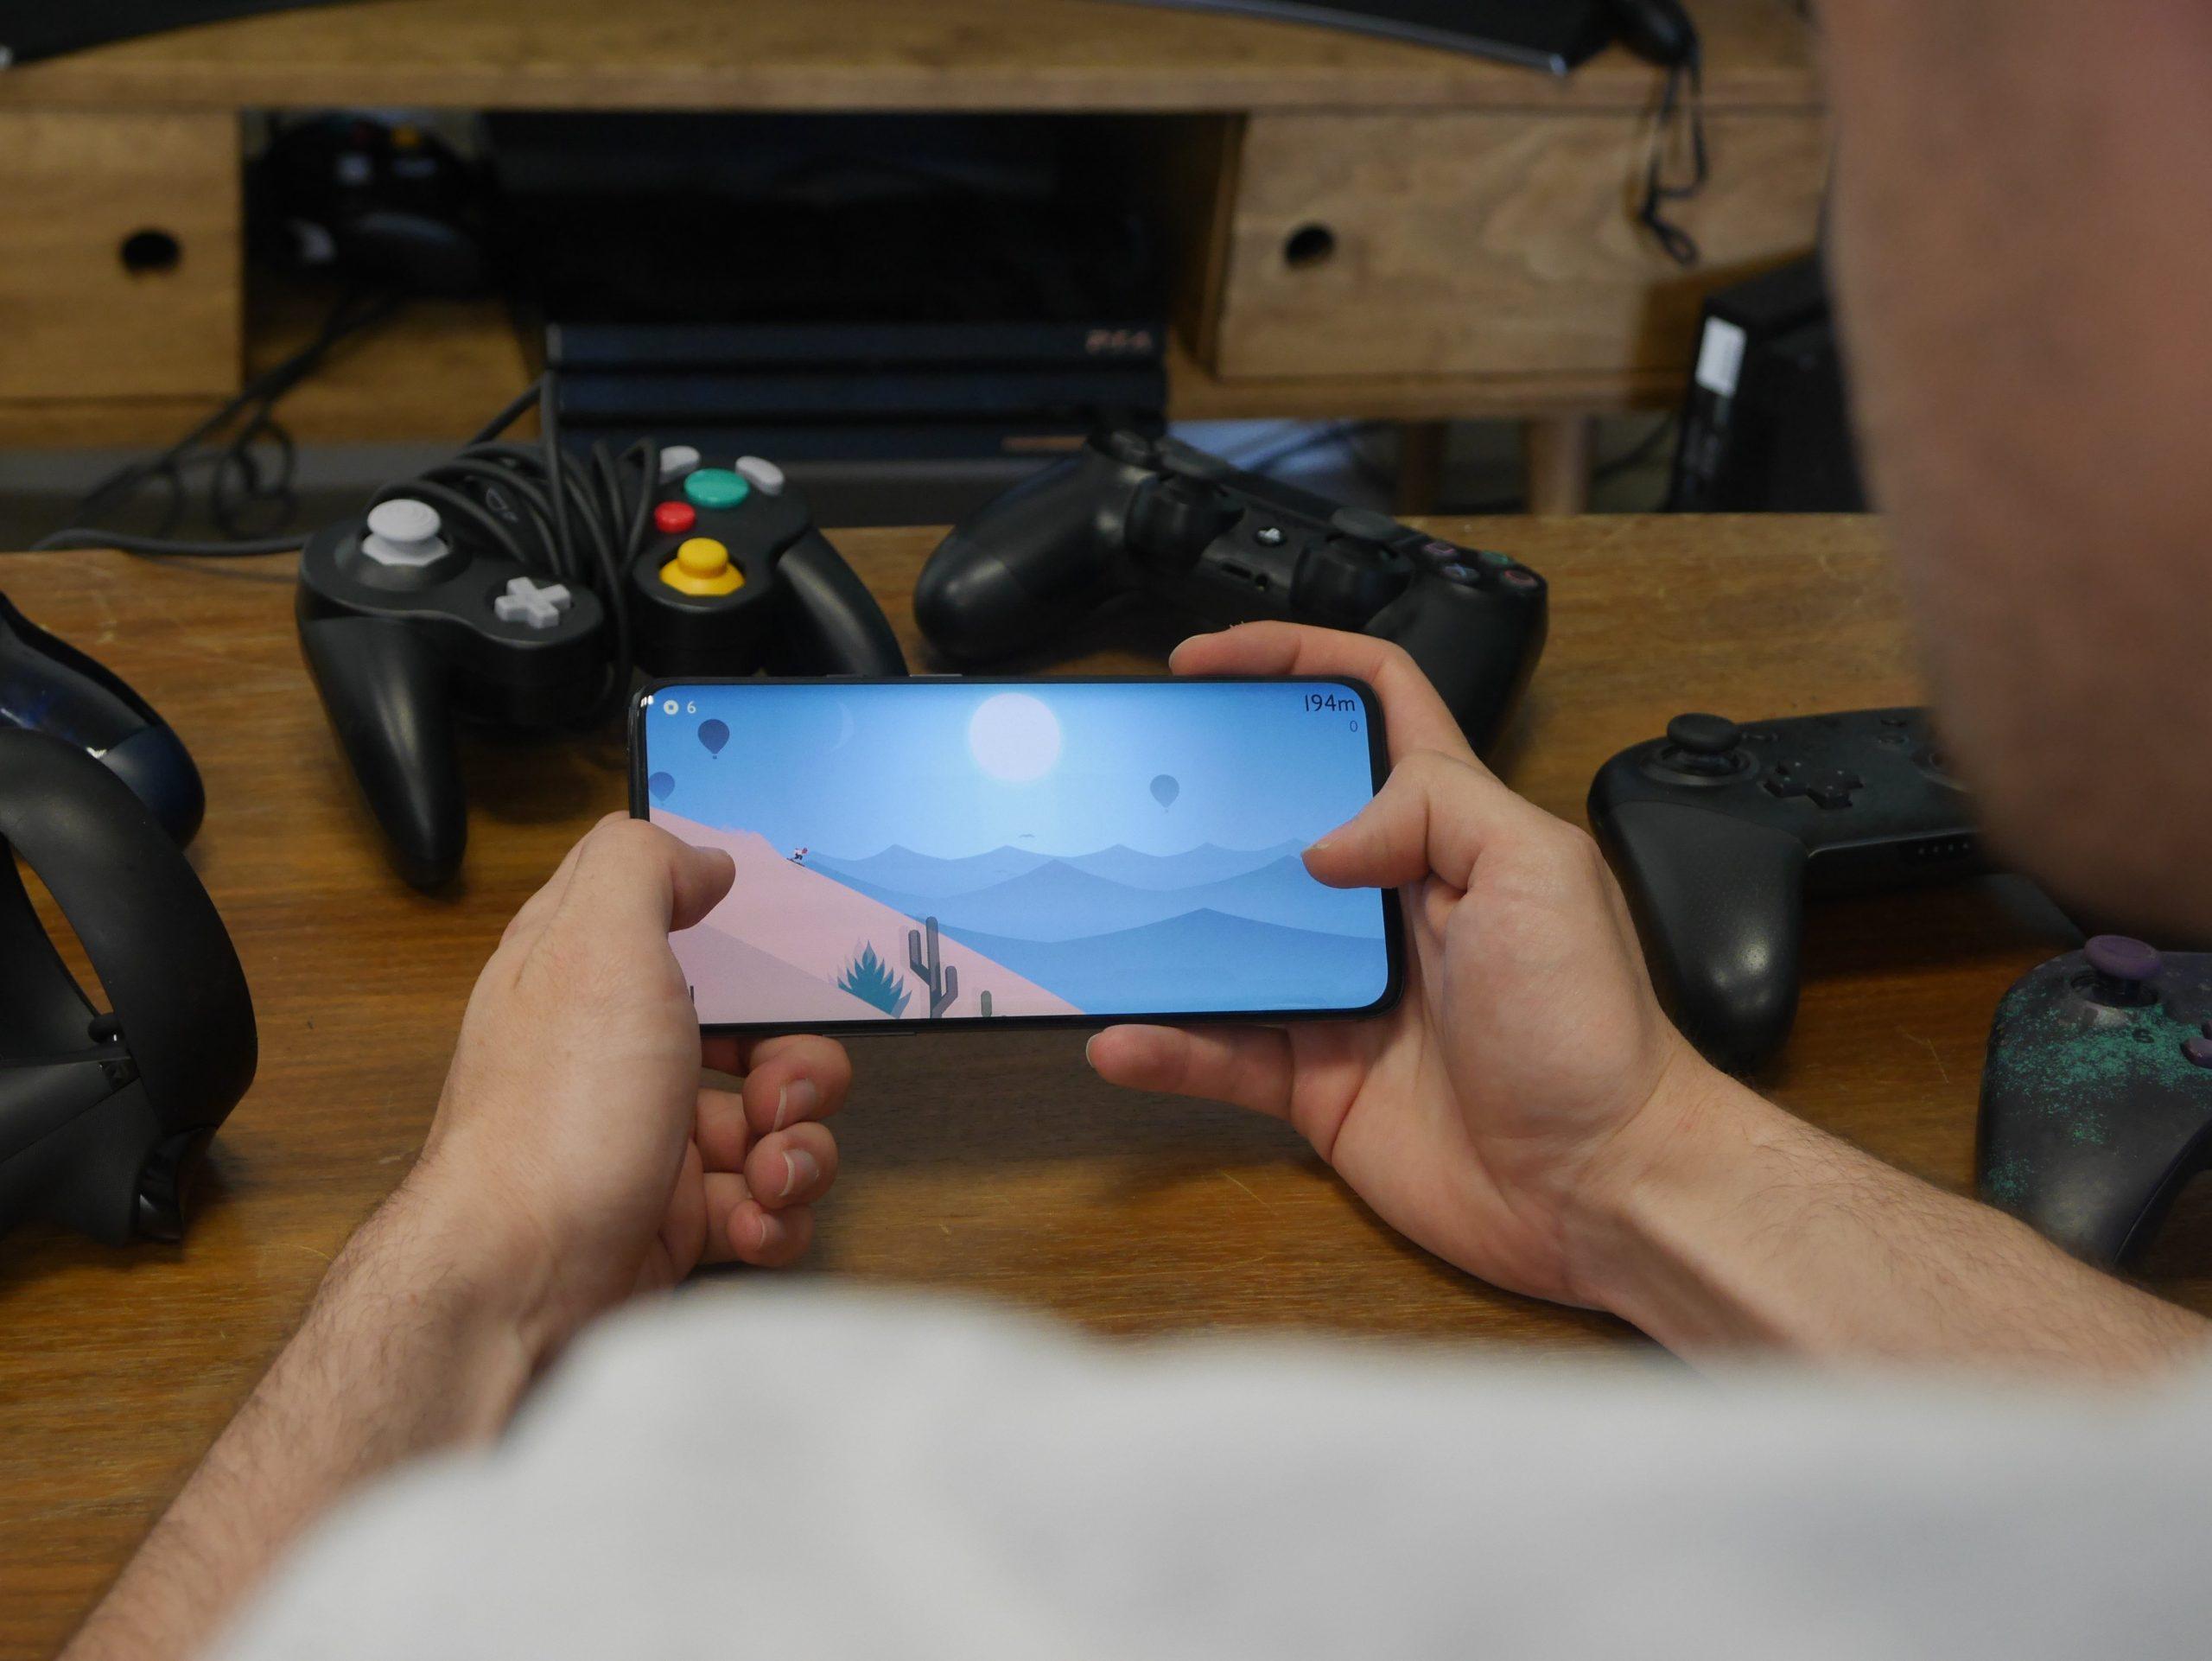 Les Meilleurs Jeux Gratuits Sur Android En 2020 encequiconcerne Jeux Gratuits Sans Téléchargement Et Sans Inscription